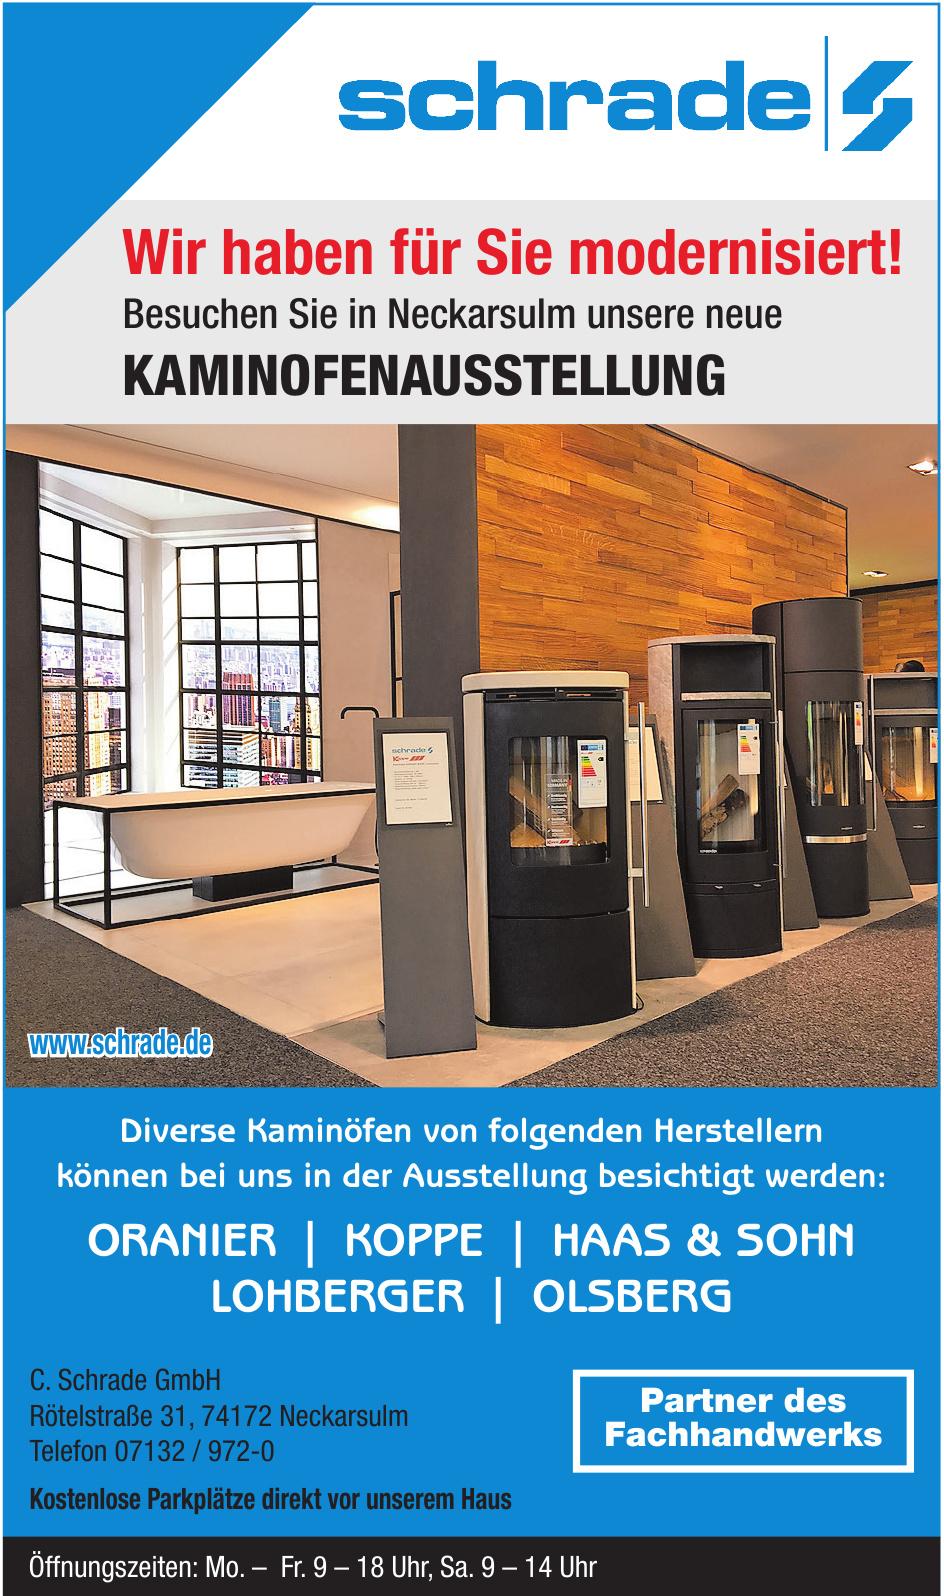 C. Schrade GmbH